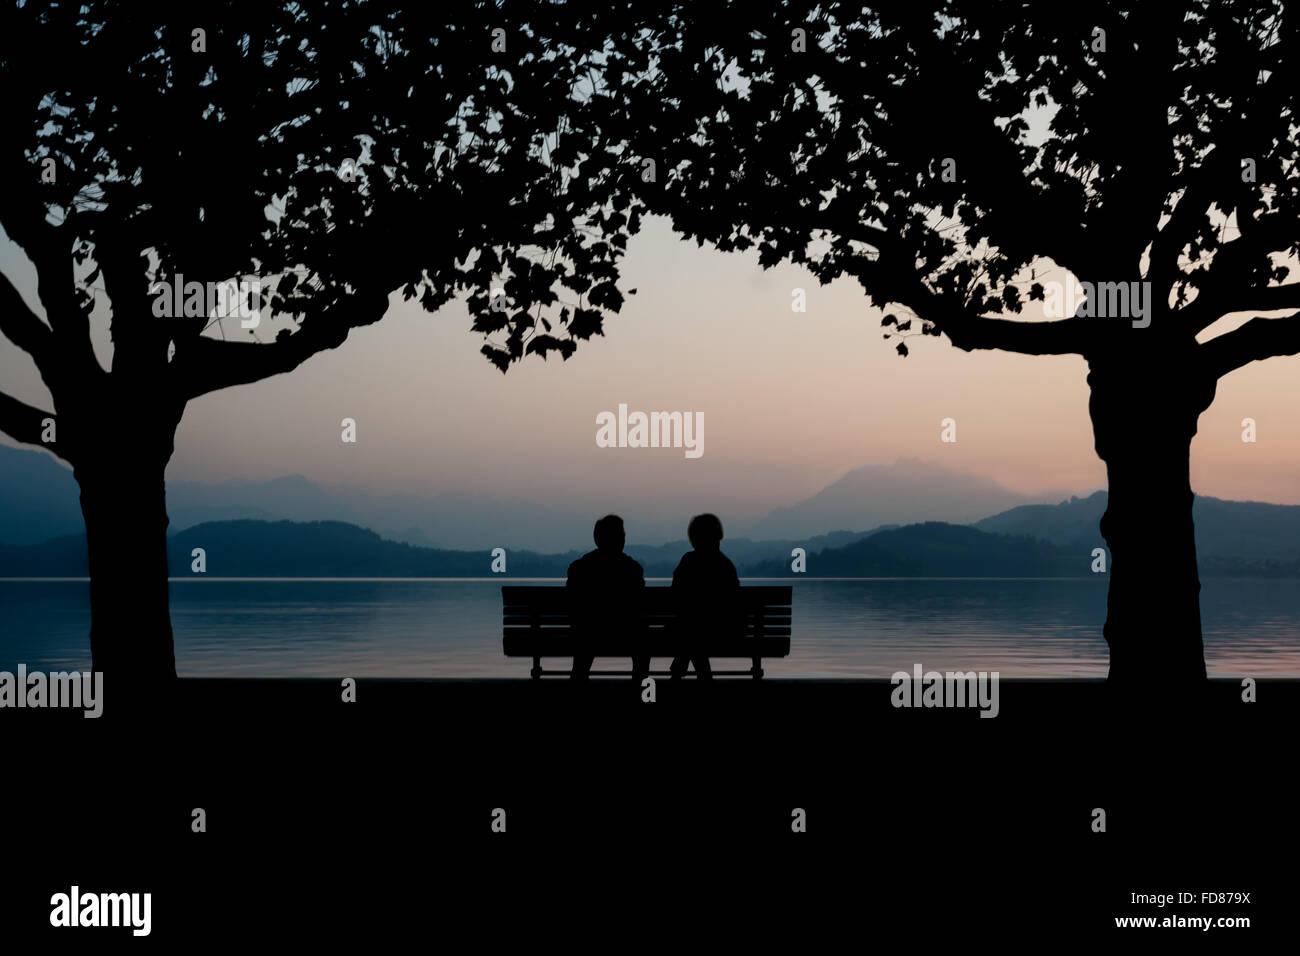 Silhouette paar sitzen auf Bank von ruhigem See in der Abenddämmerung Stockbild